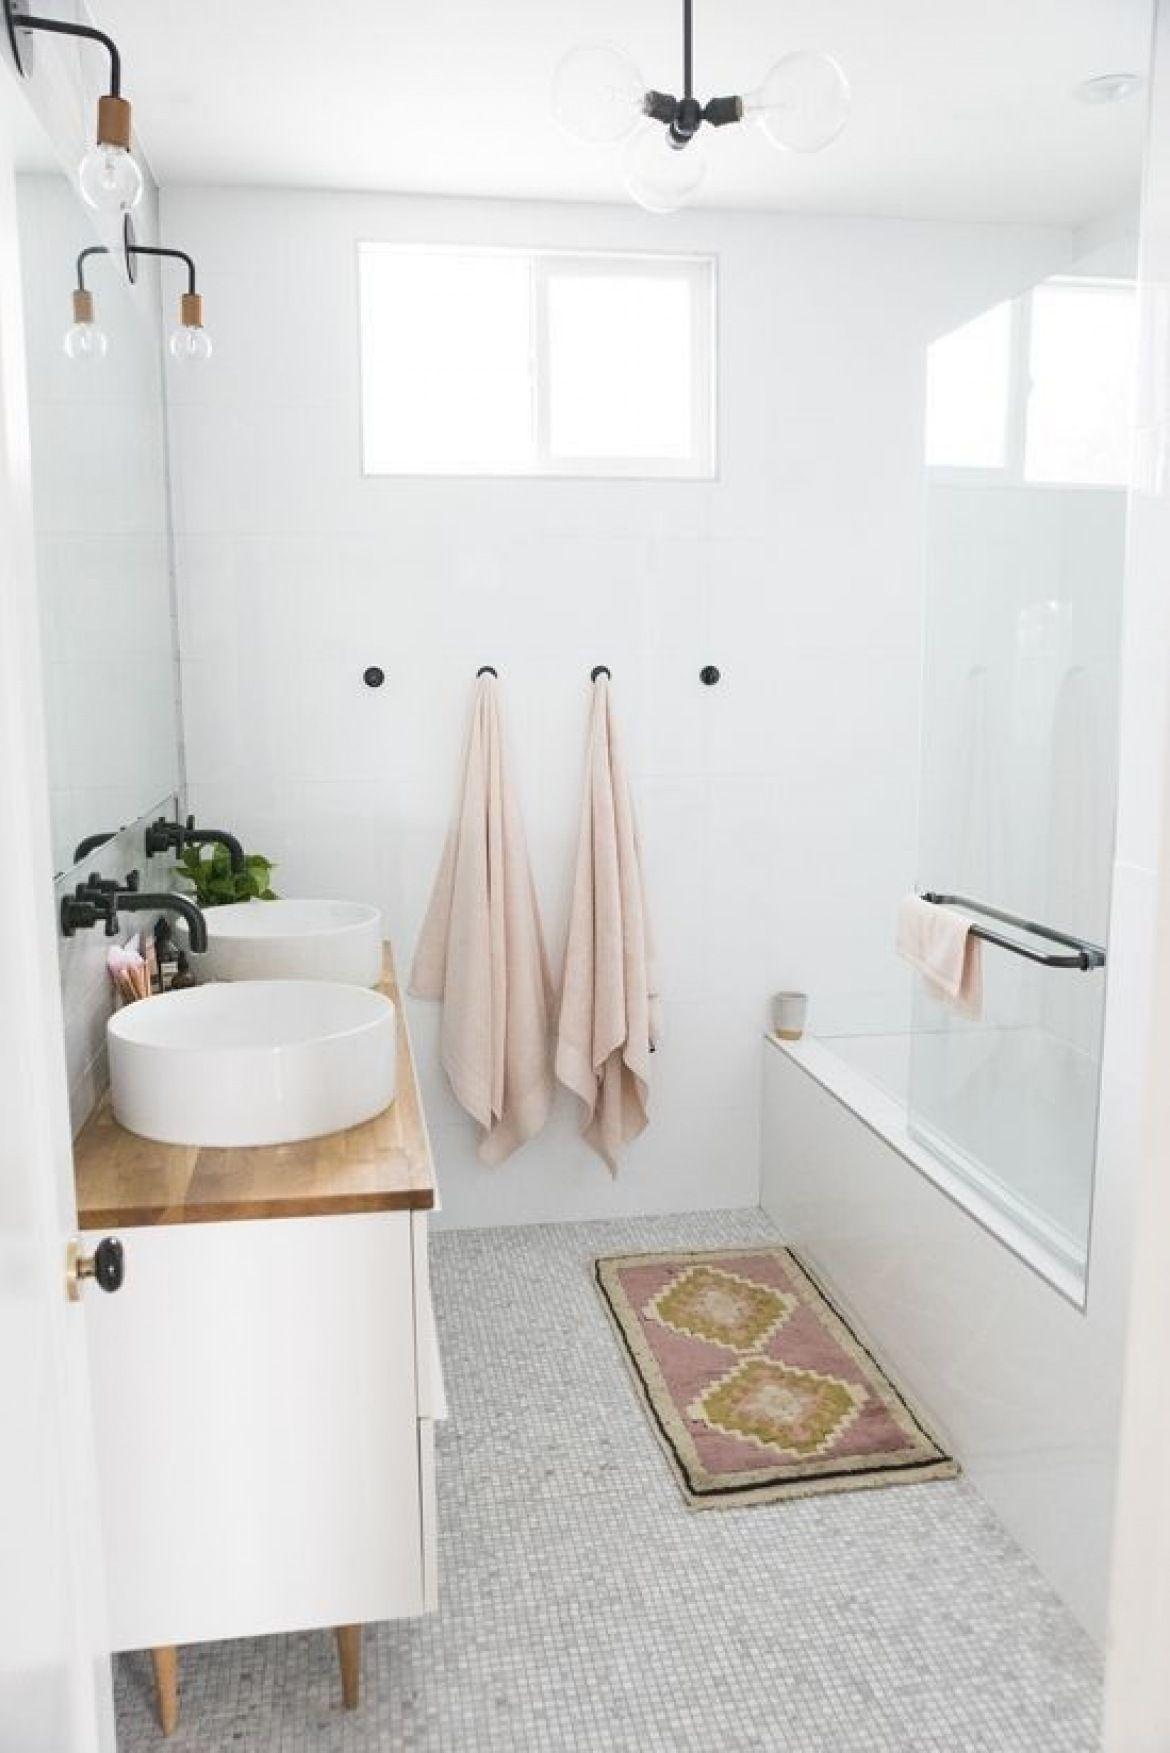 28+ Salle de bain style scandinave trends